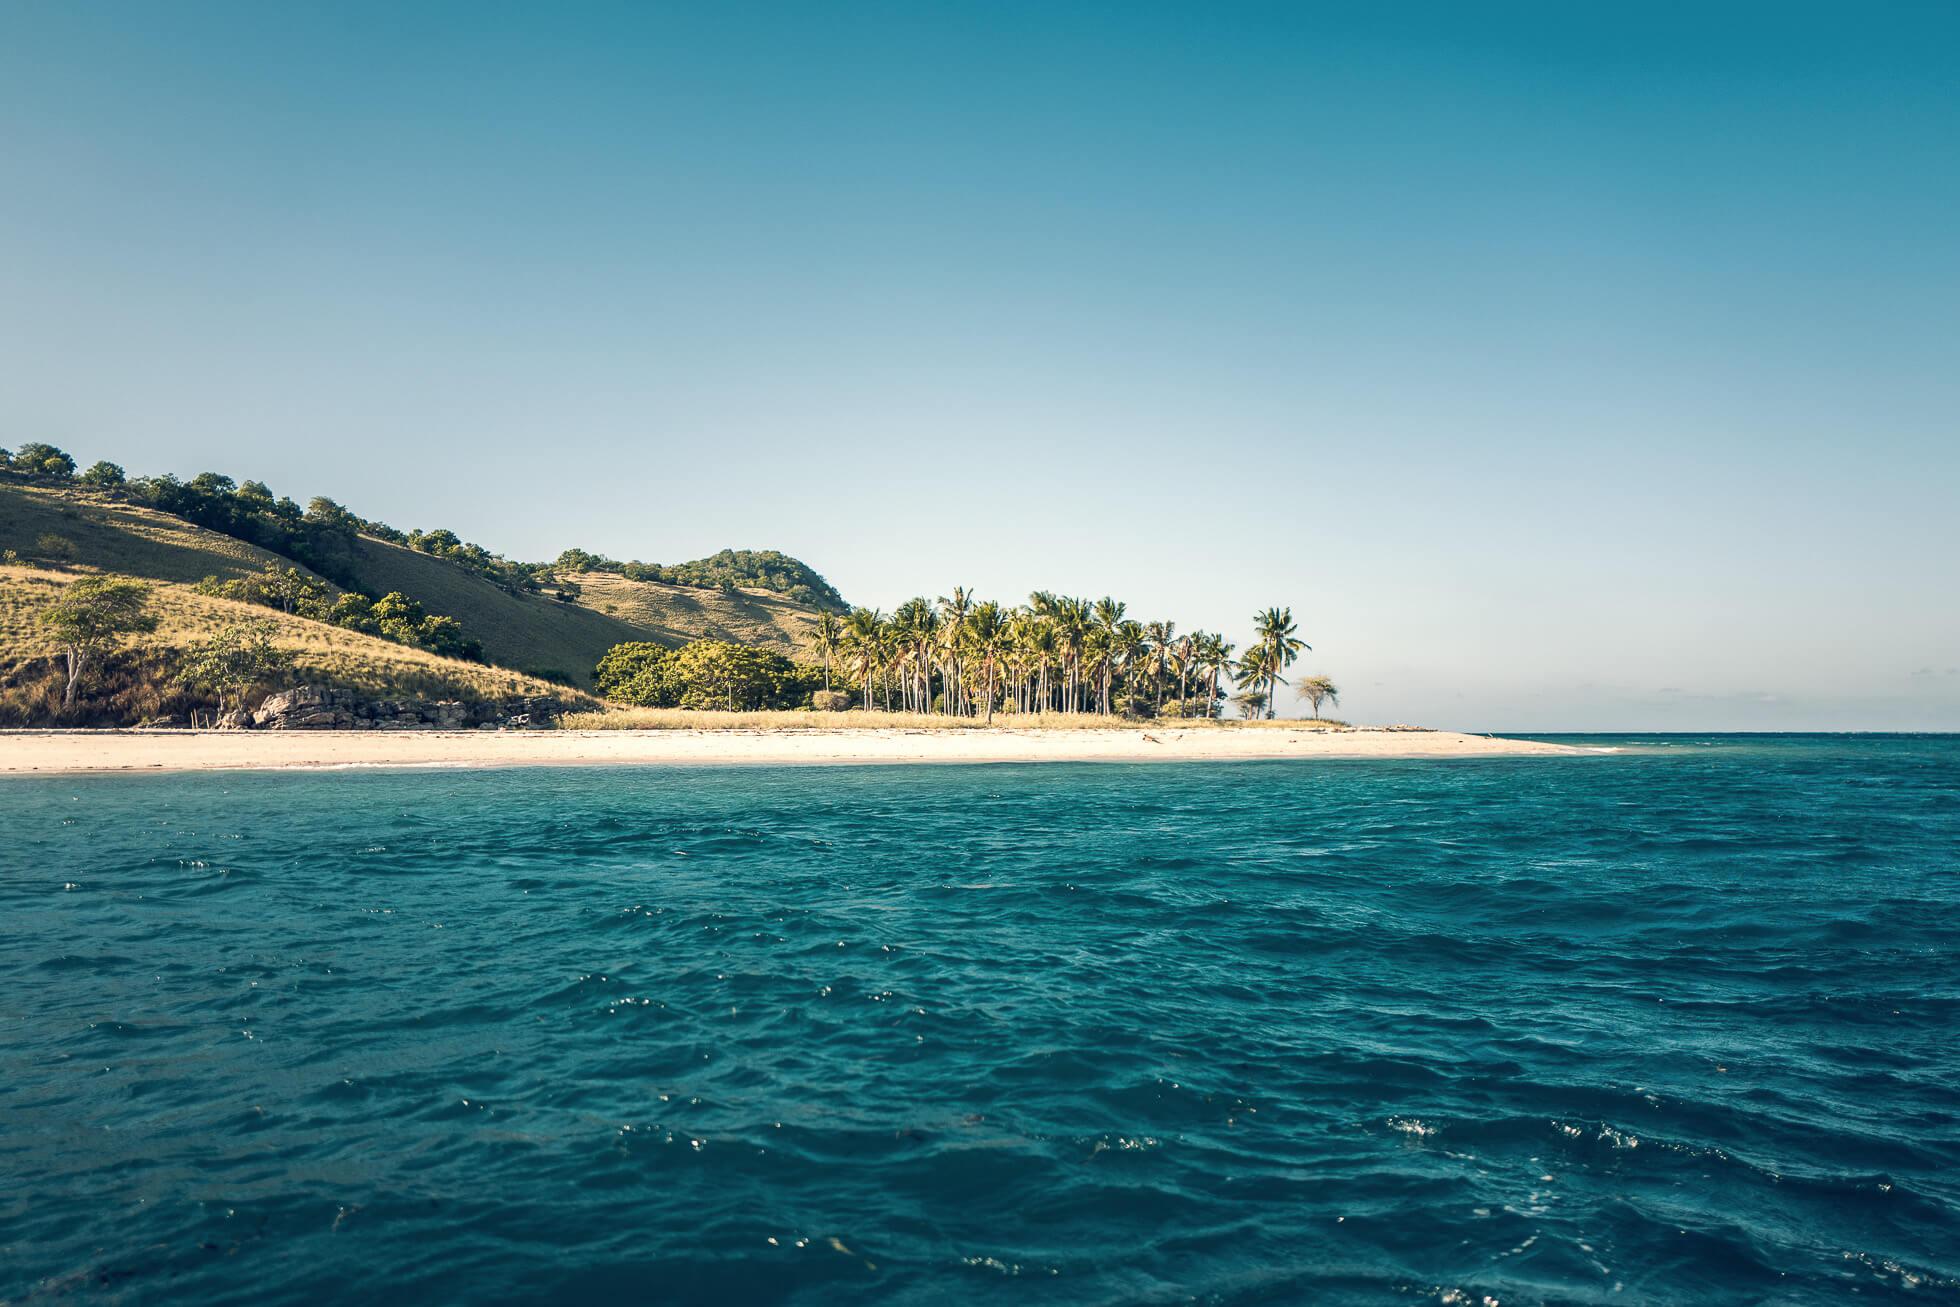 janni-deler-palm-tree-islandL1030354-Redigera